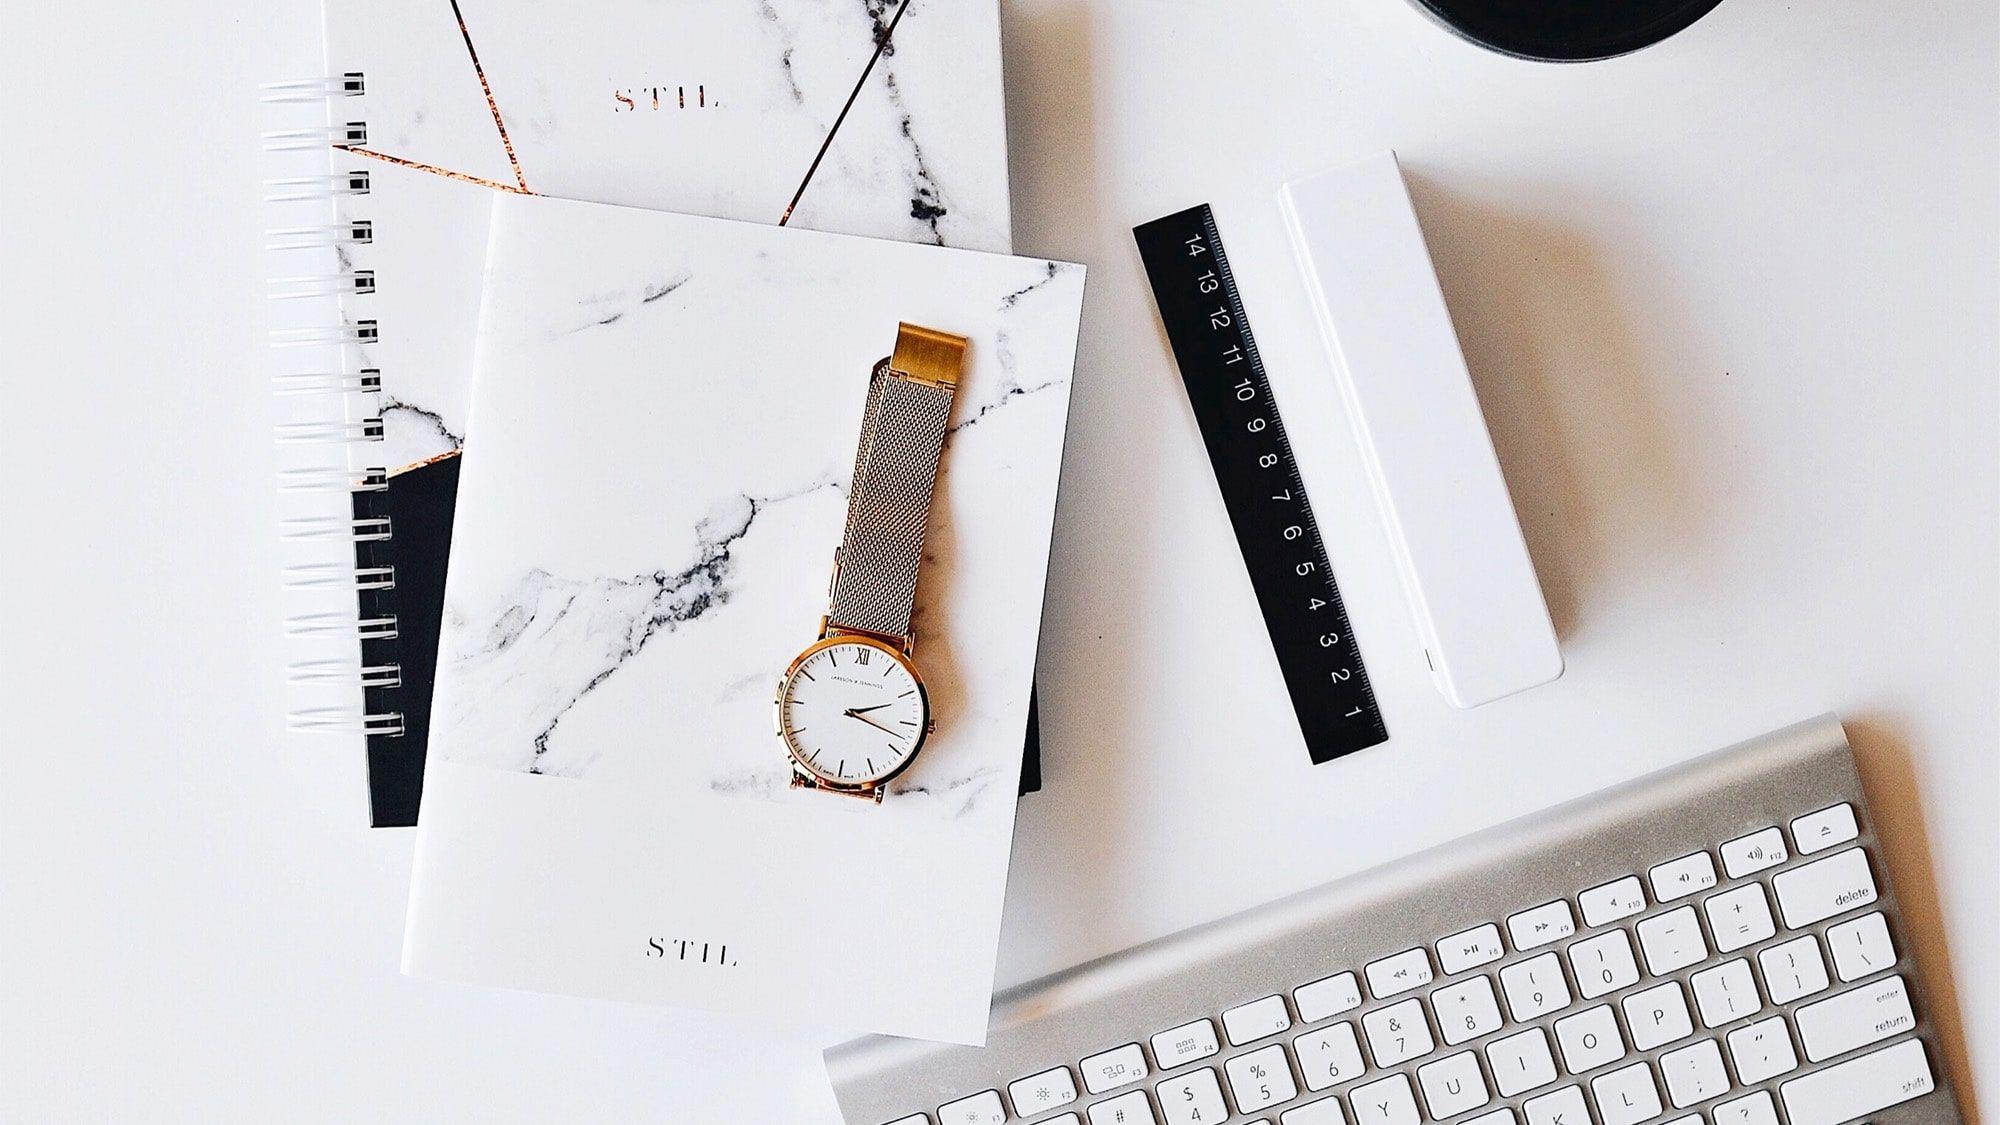 Épinglé sur TheBBoost   Articles business & entrepreneuriat